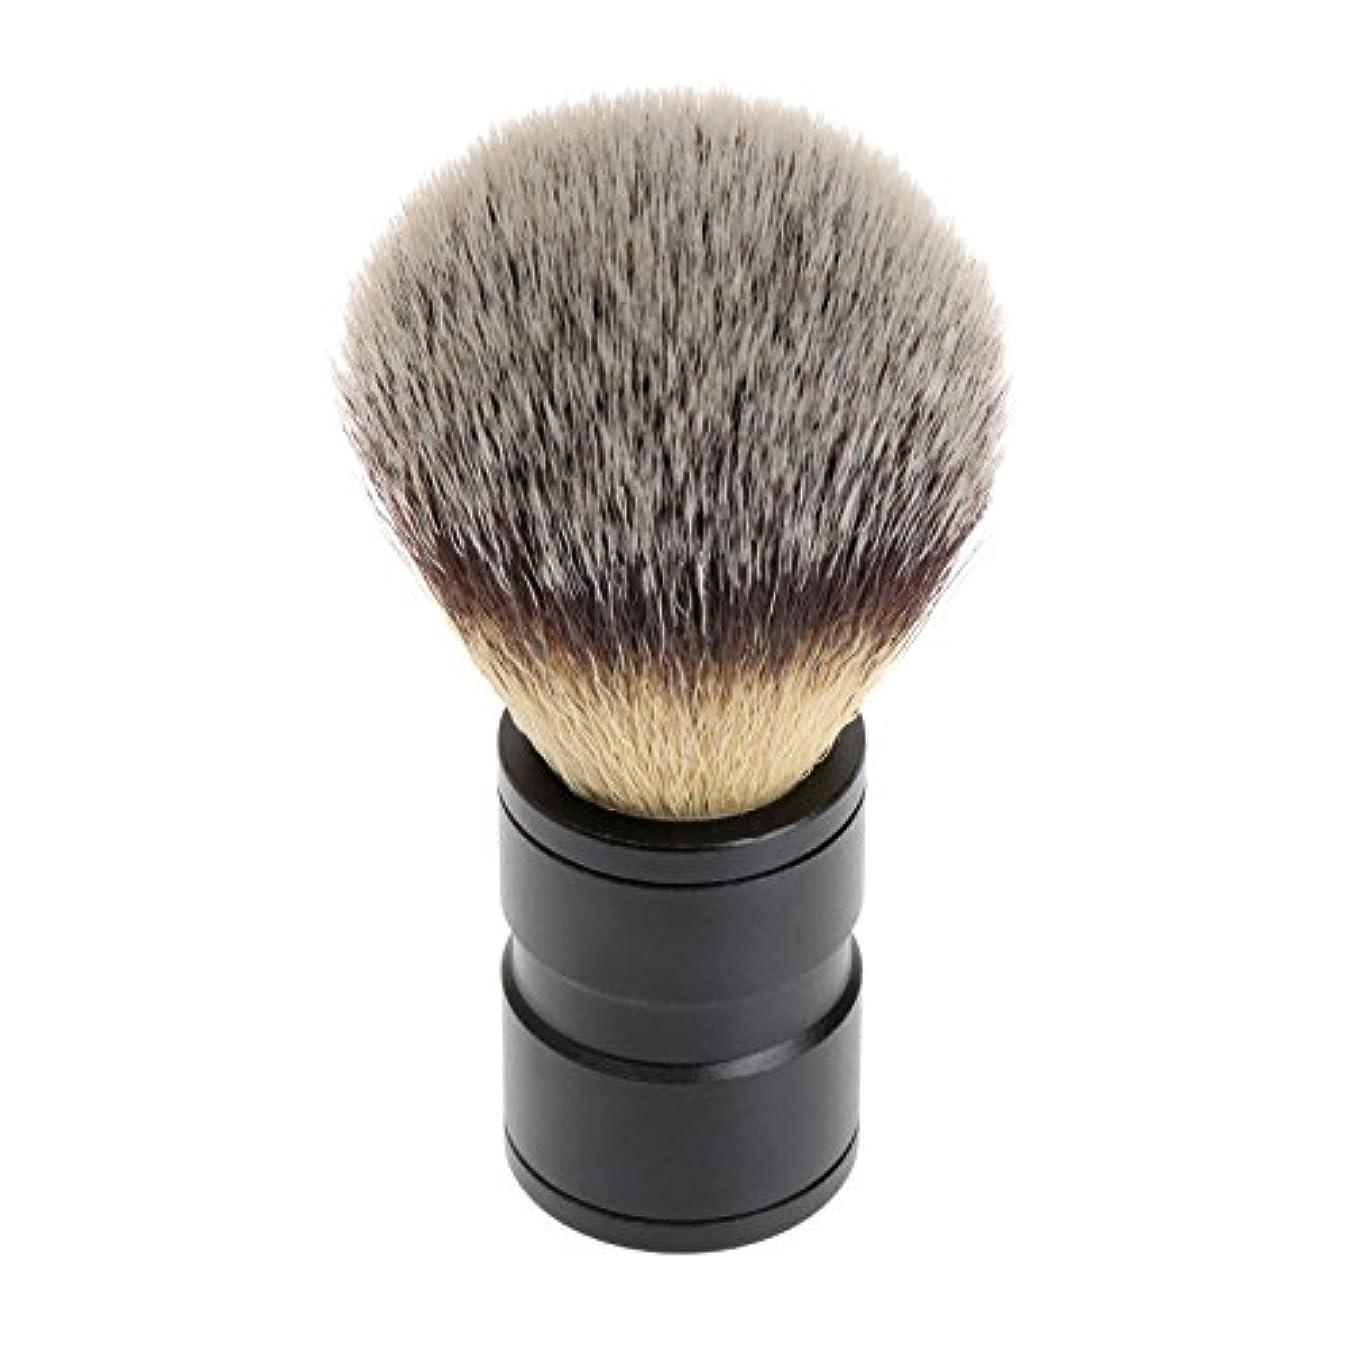 コア入射どれでもシェービング ブラシ 理容 洗顔 髭剃り マッサージ 効果 ナイロン毛 メンズ